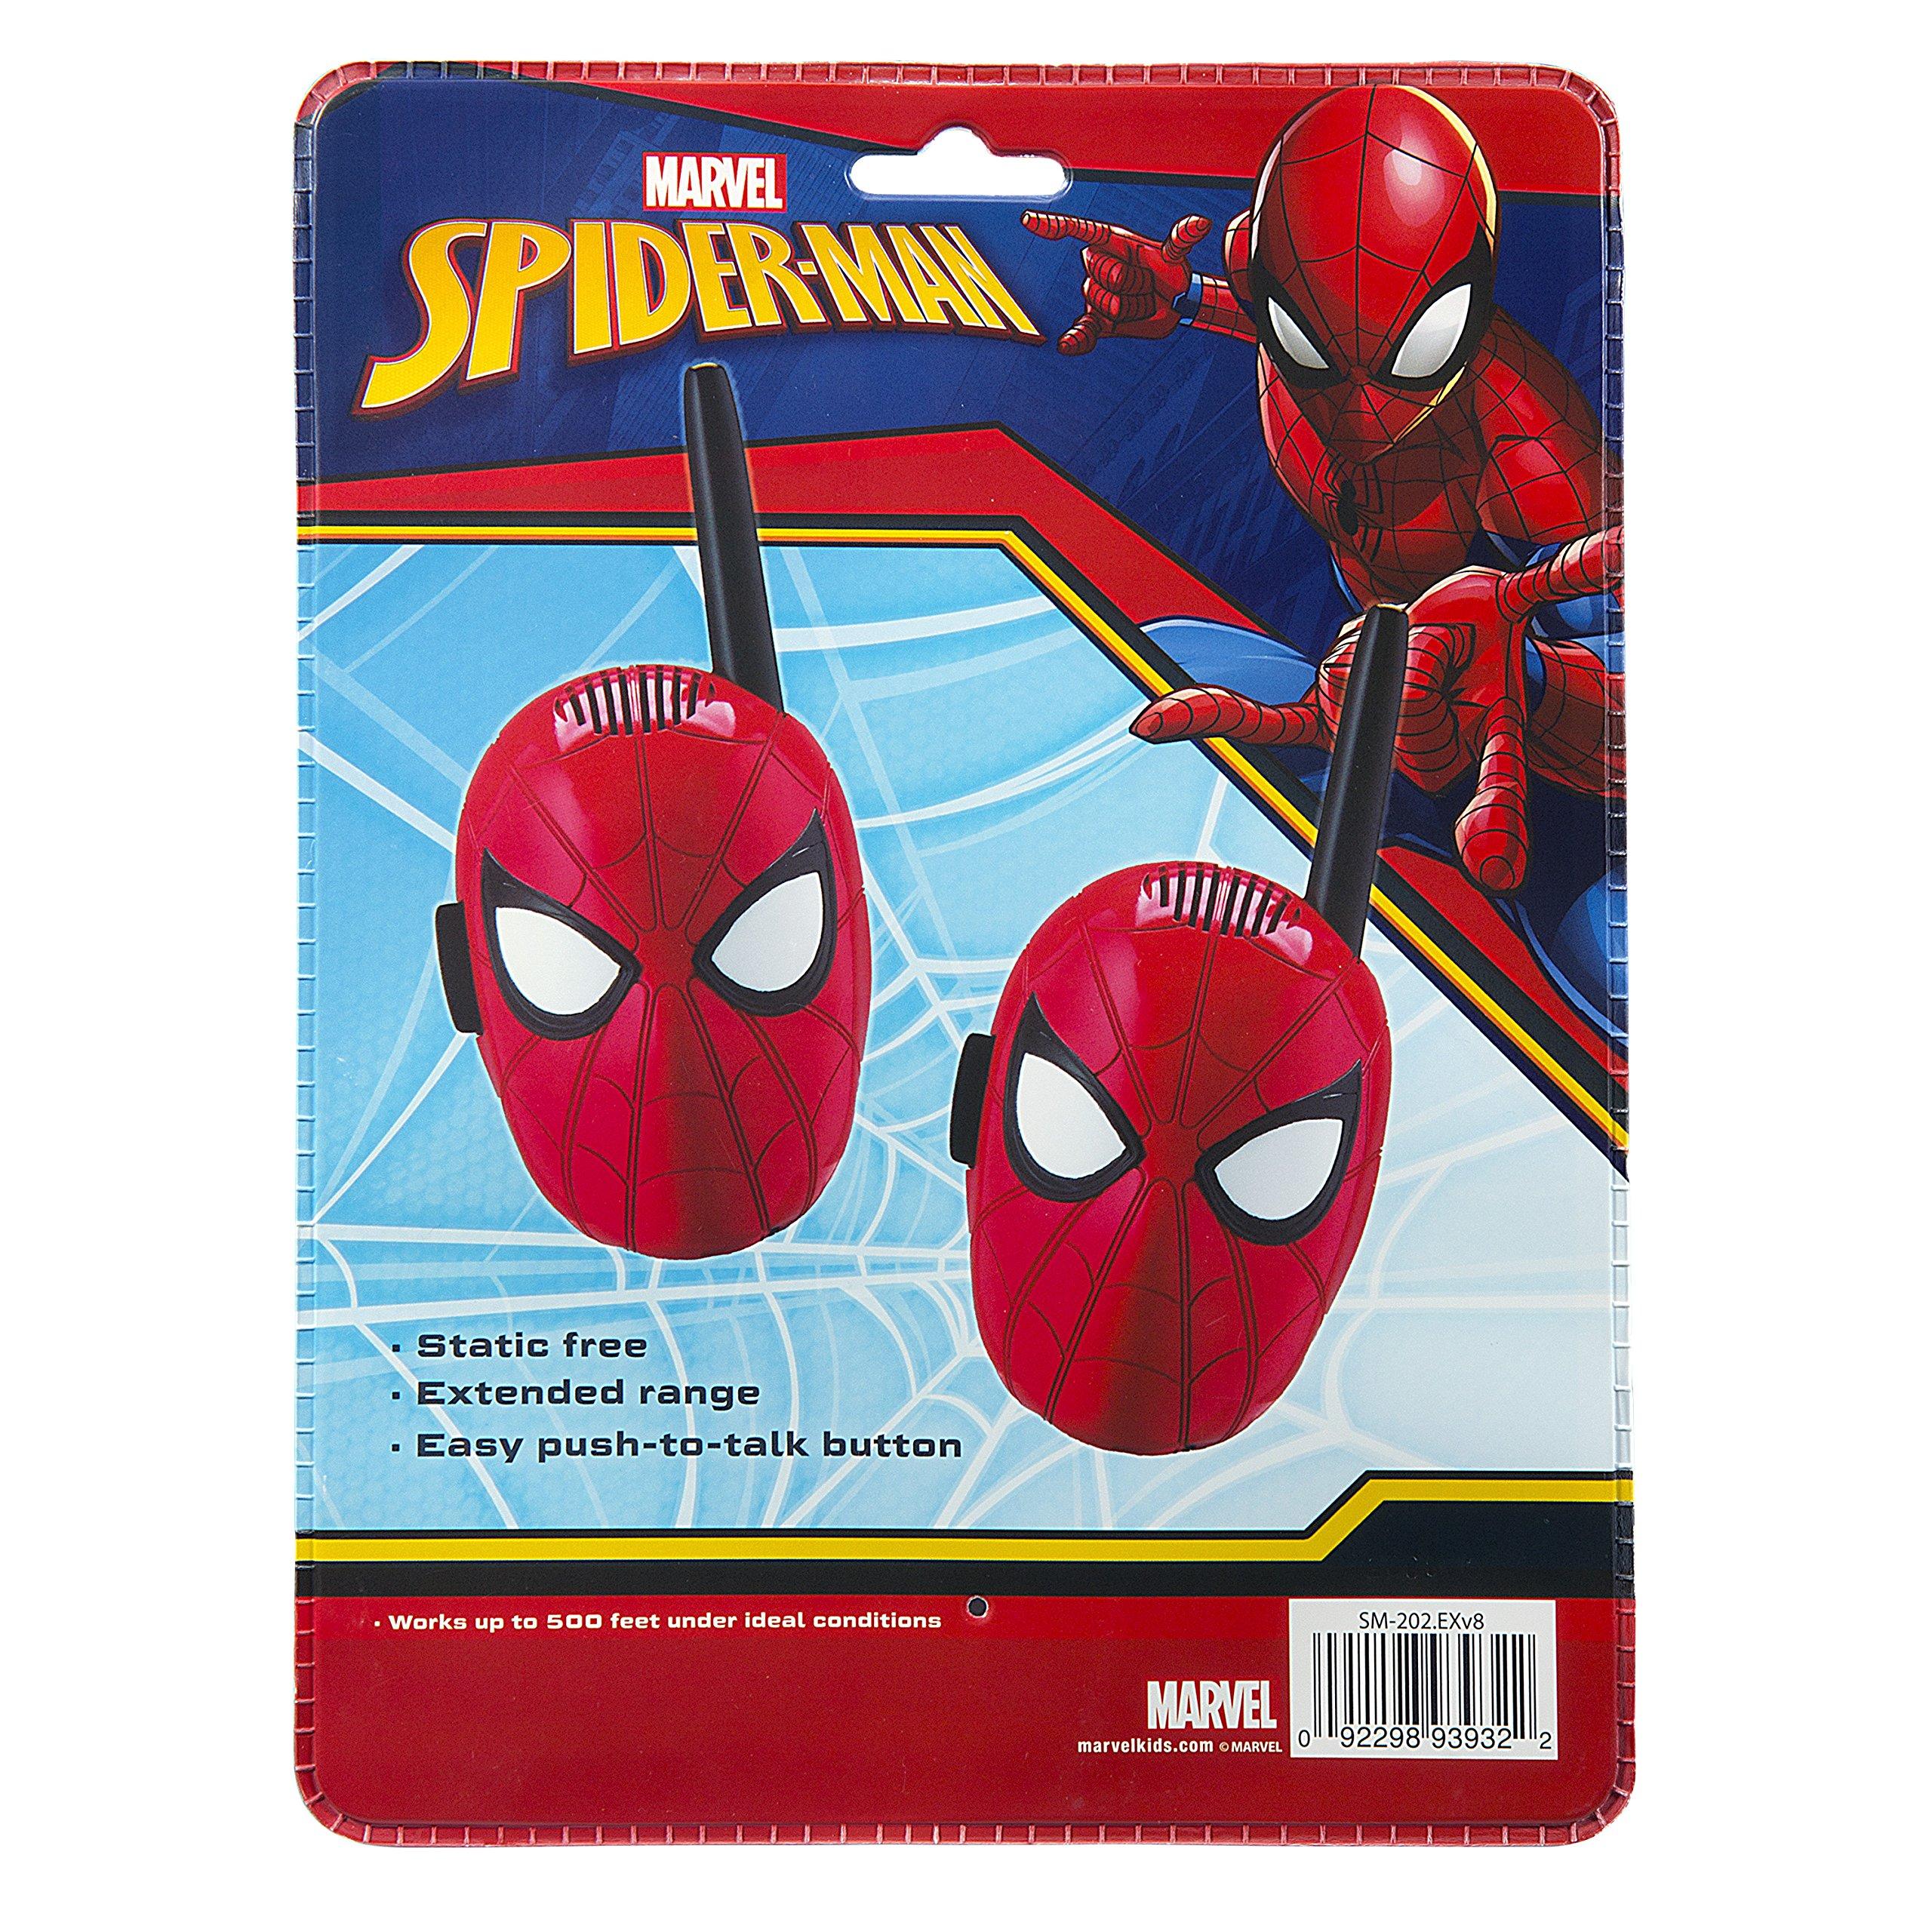 Spiderman Walkie Talkies for Kids Static Free Extended Range Kid Friendly Easy to Use 2 Way Walkie Talkies by eKids (Image #5)